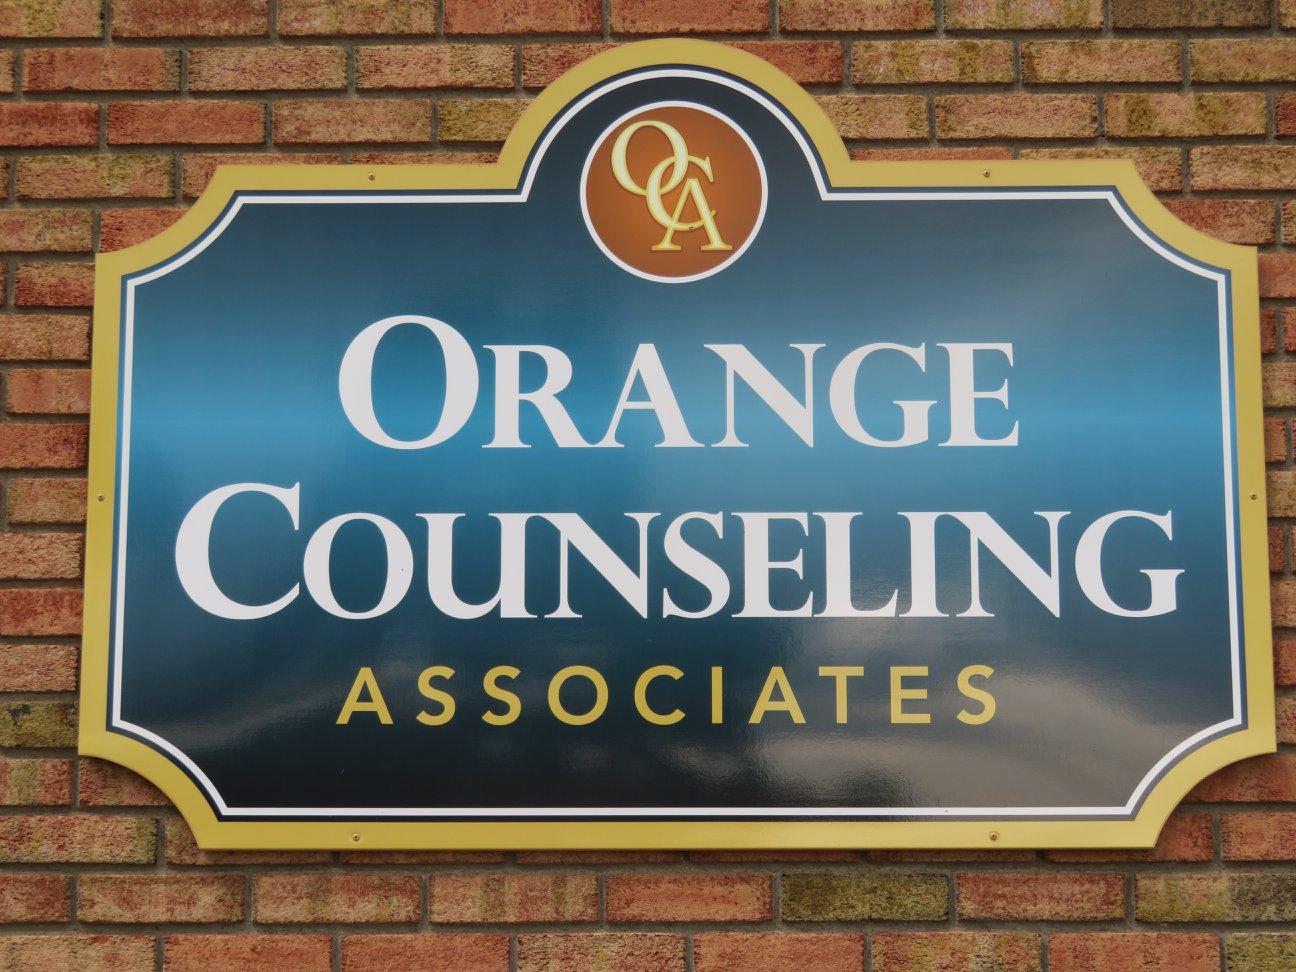 Orange Counseling Signage